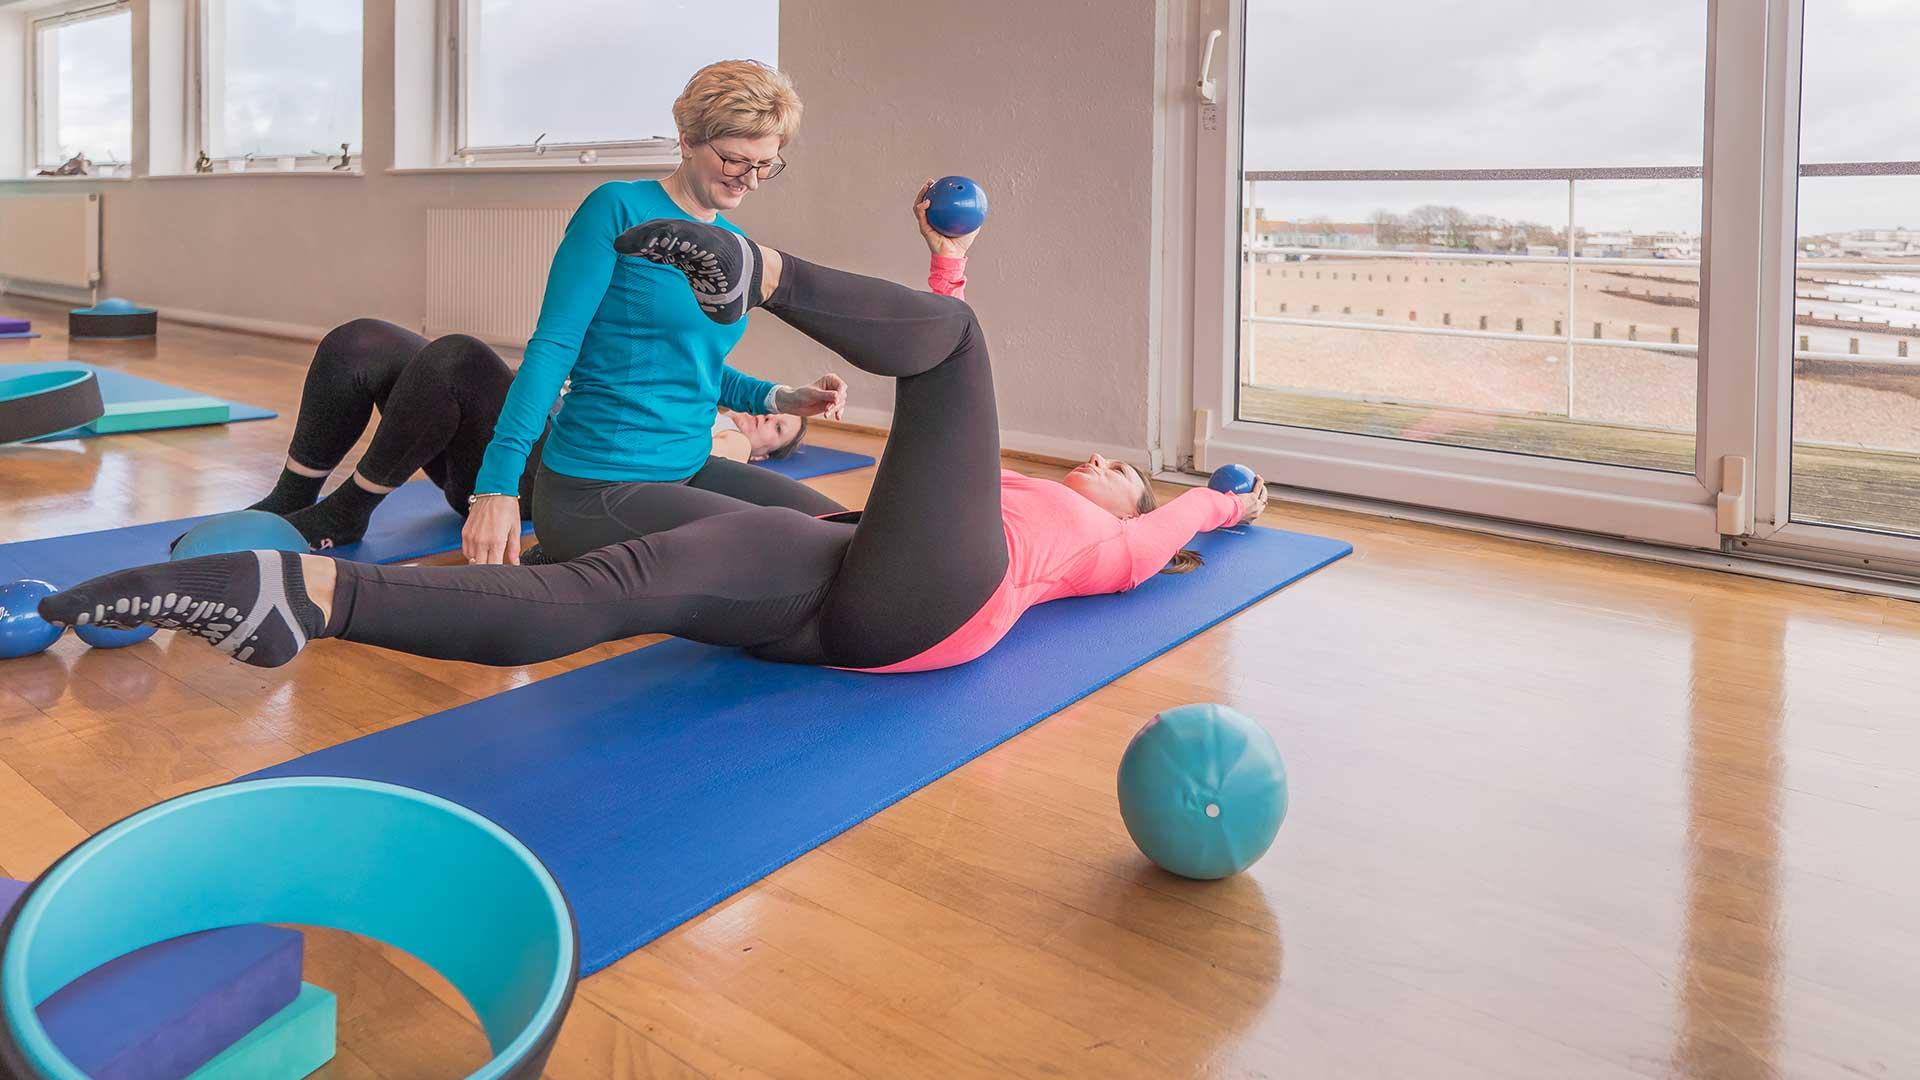 photo of class activities